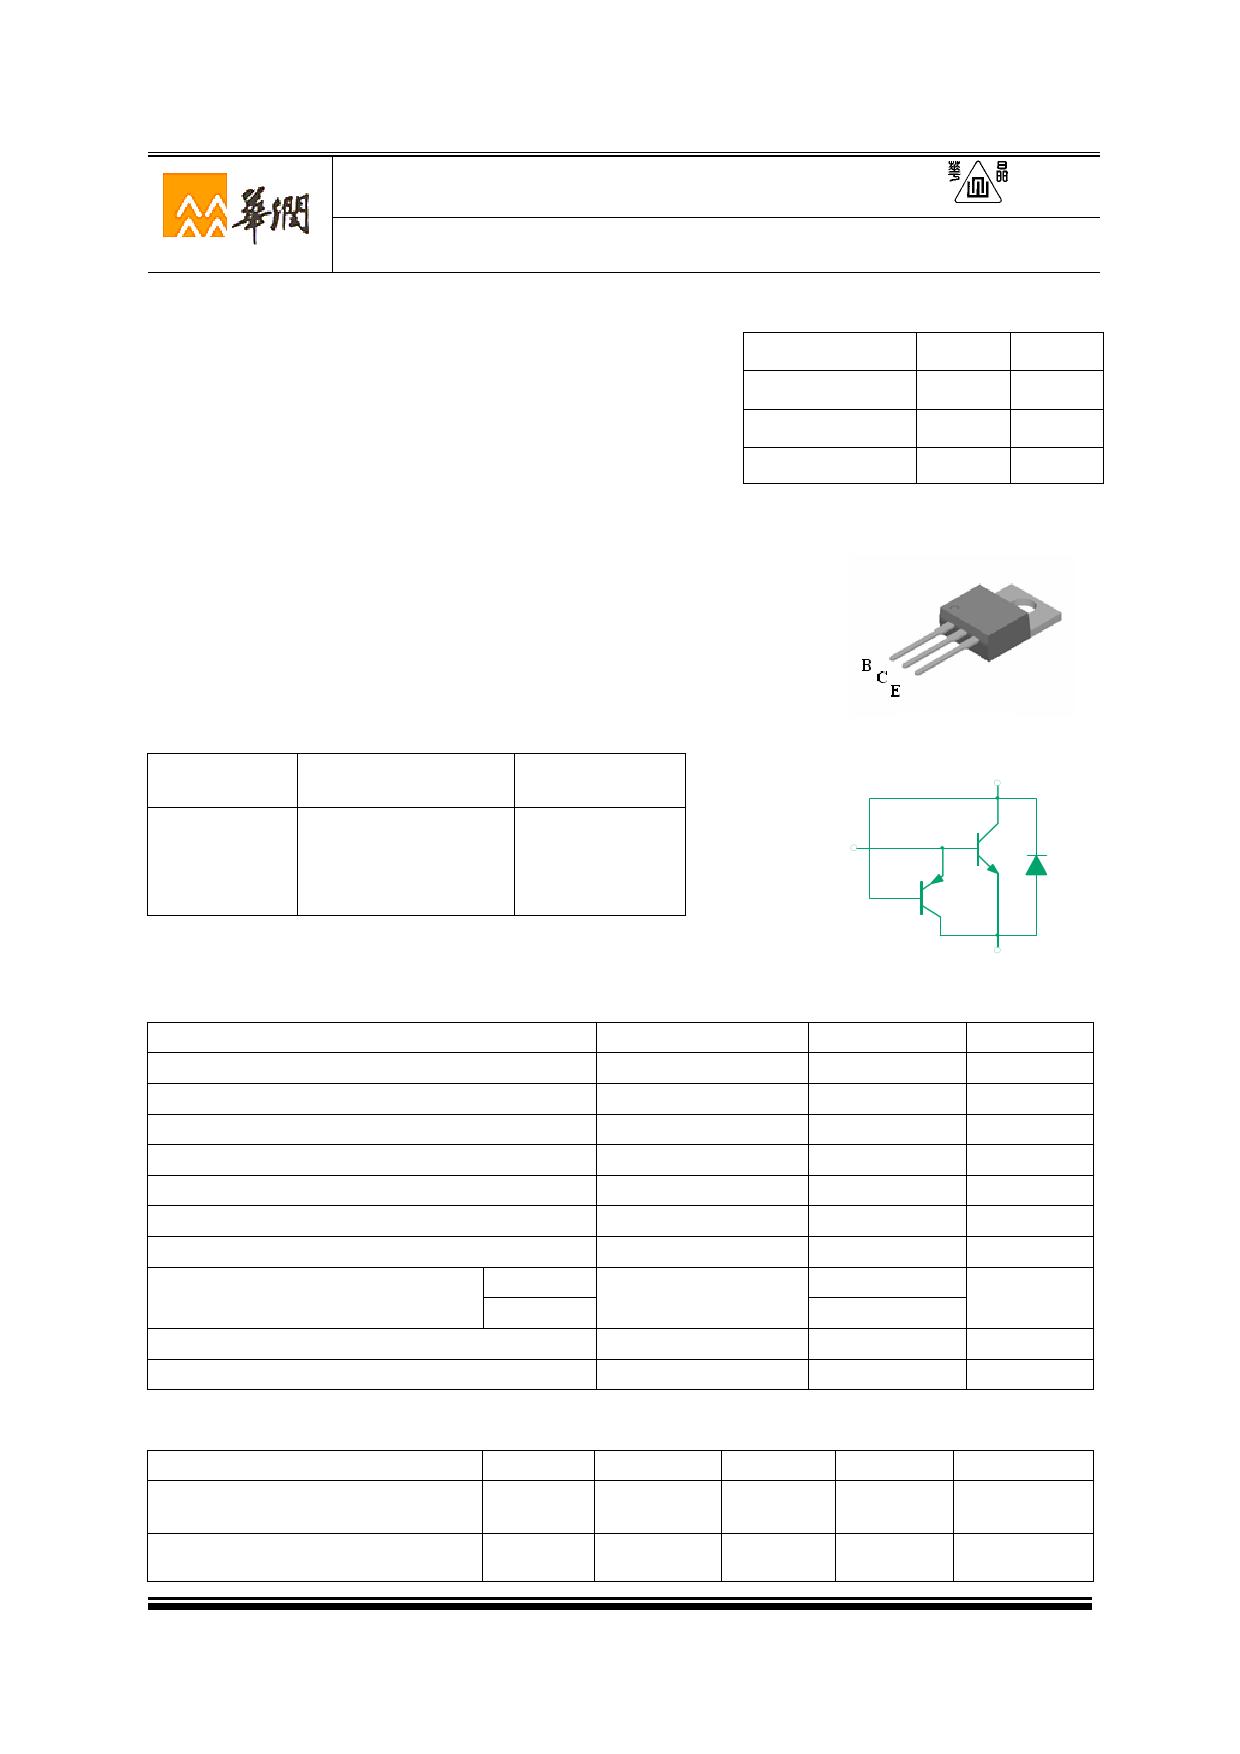 3DD128FH8D Datasheet, 3DD128FH8D PDF,ピン配置, 機能